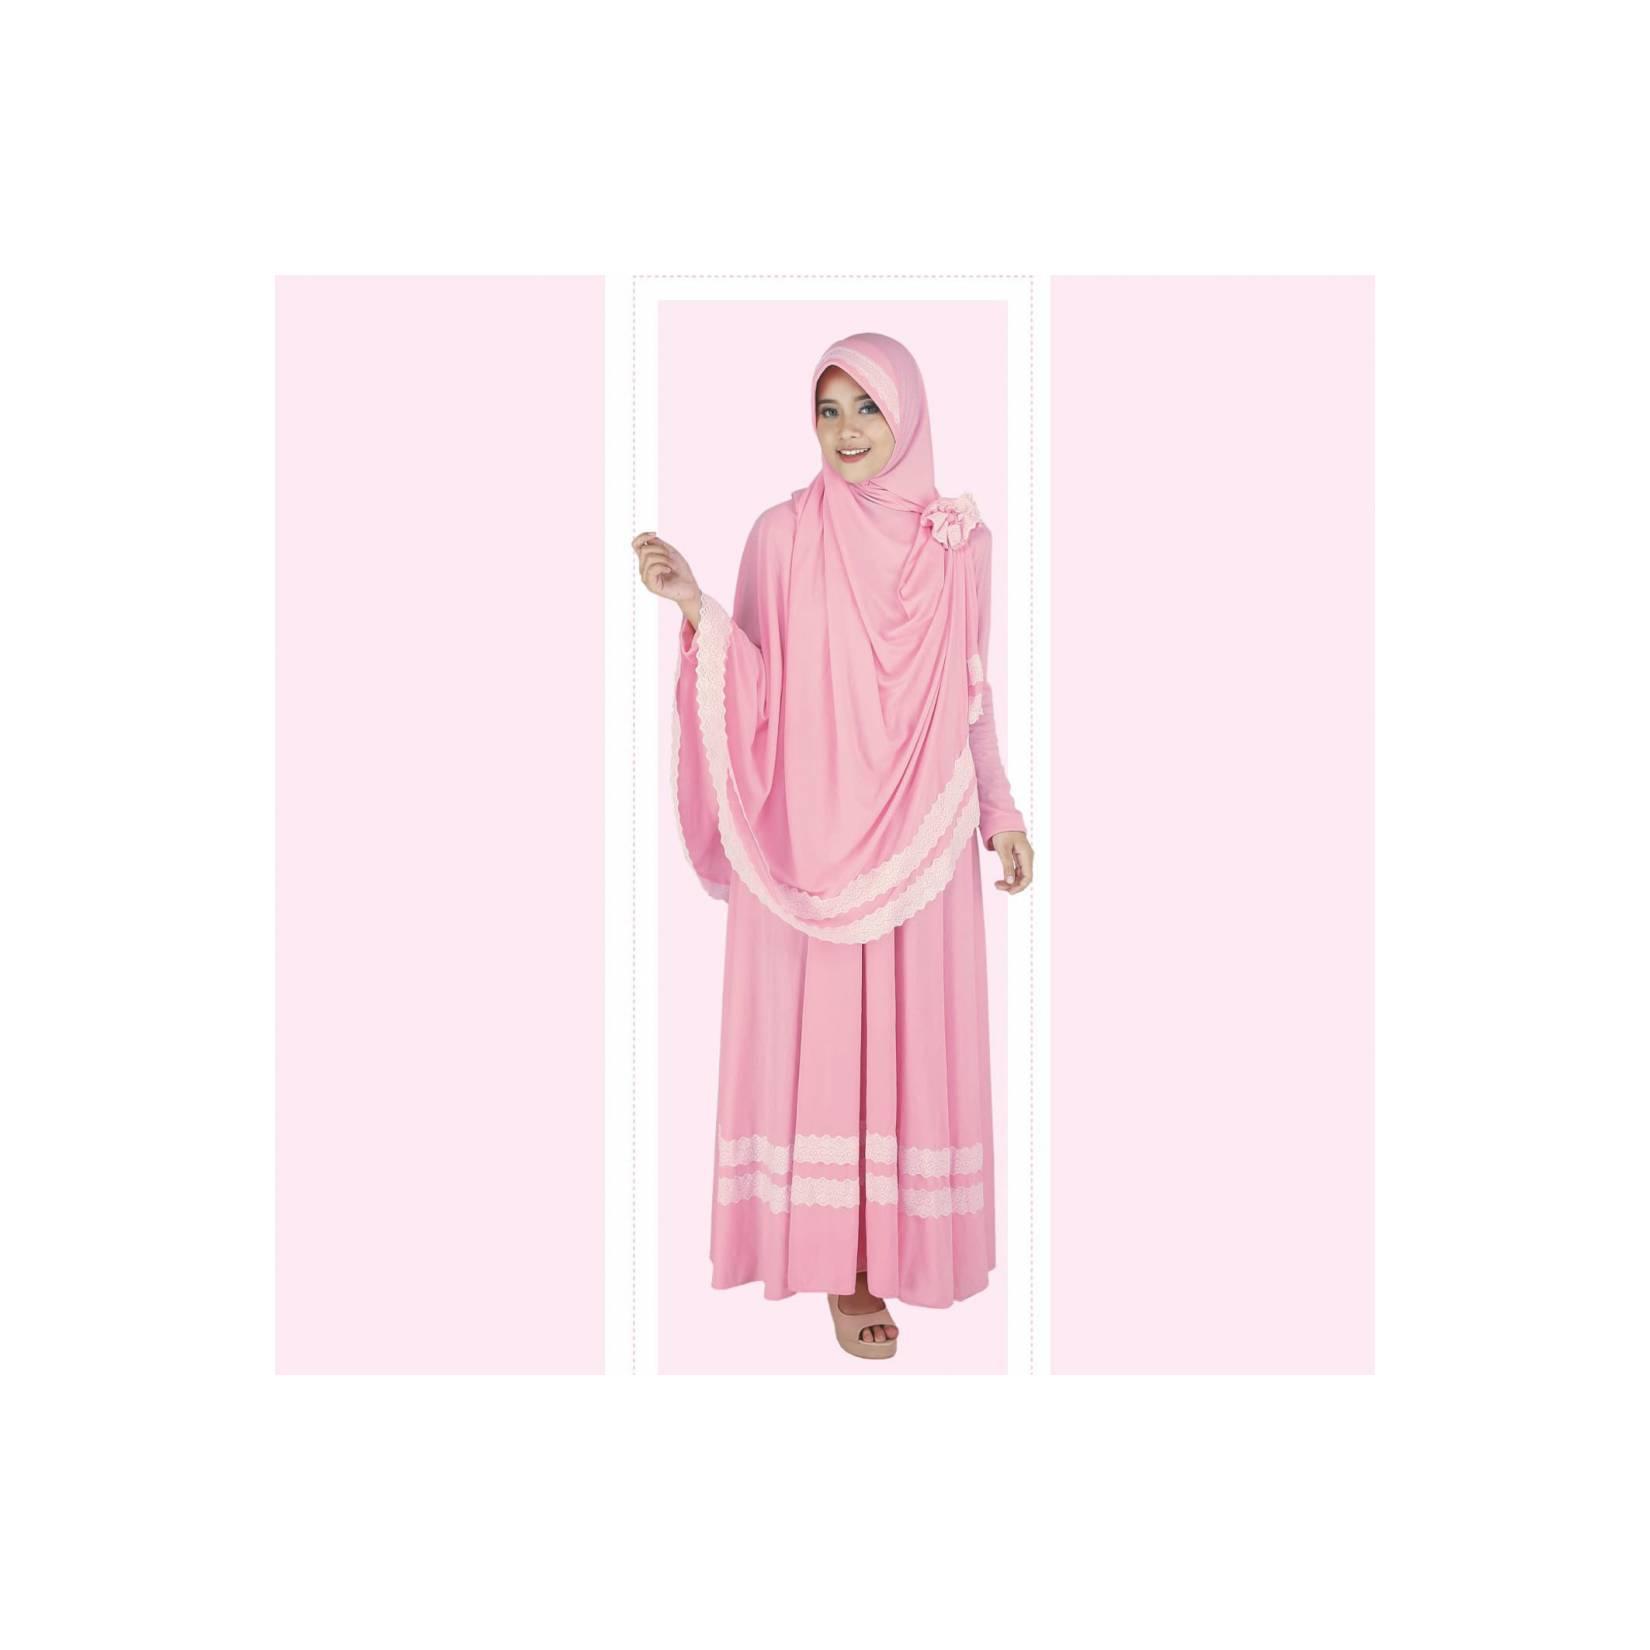 Baju Busana Muslim Gamis Pakistan Setelan Dress Casual Wanita Pink